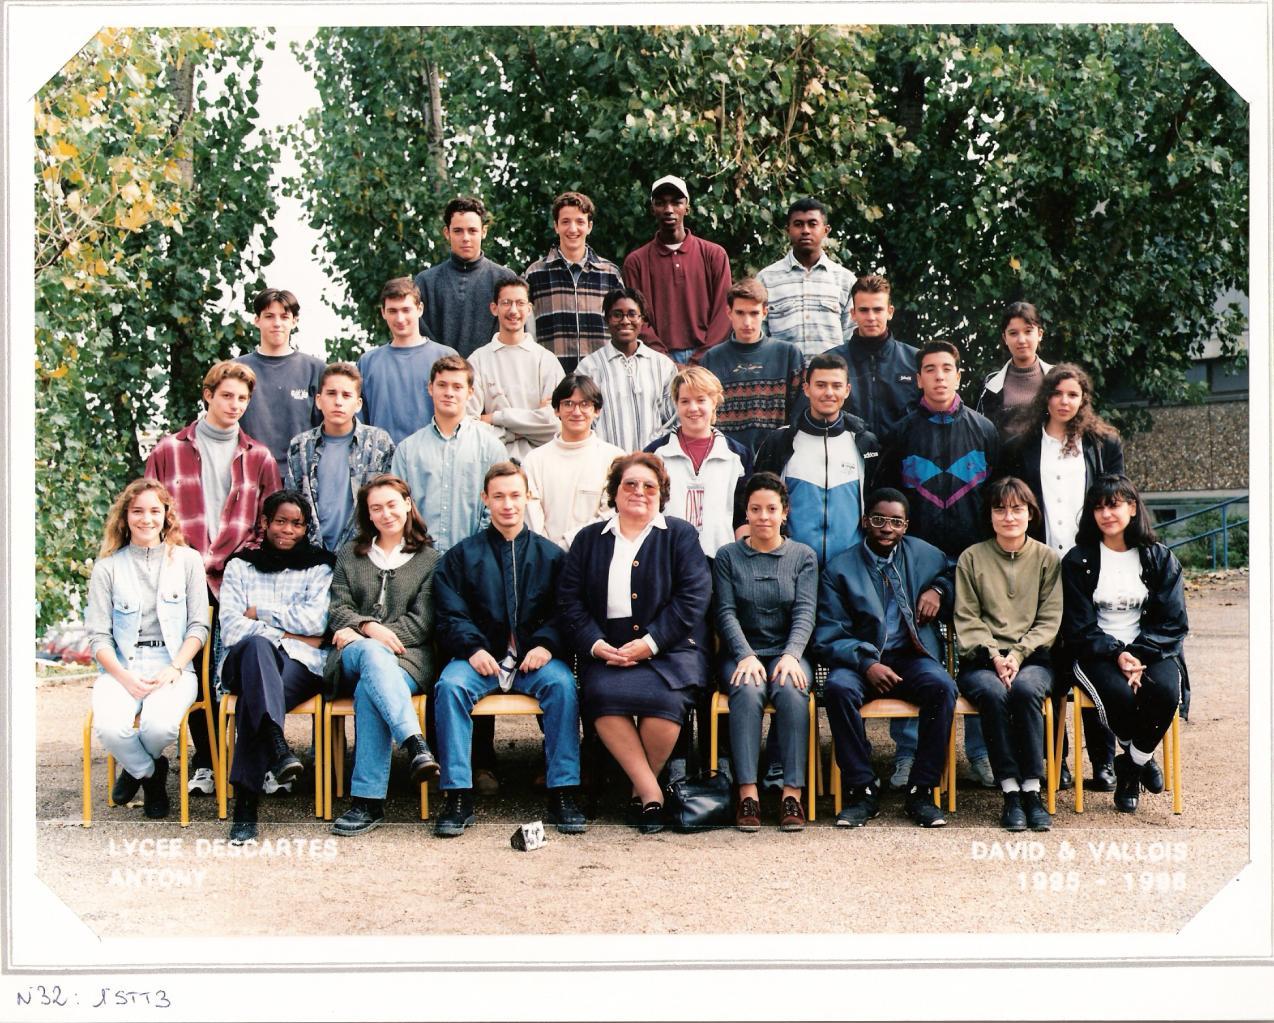 1996 - 1STT3